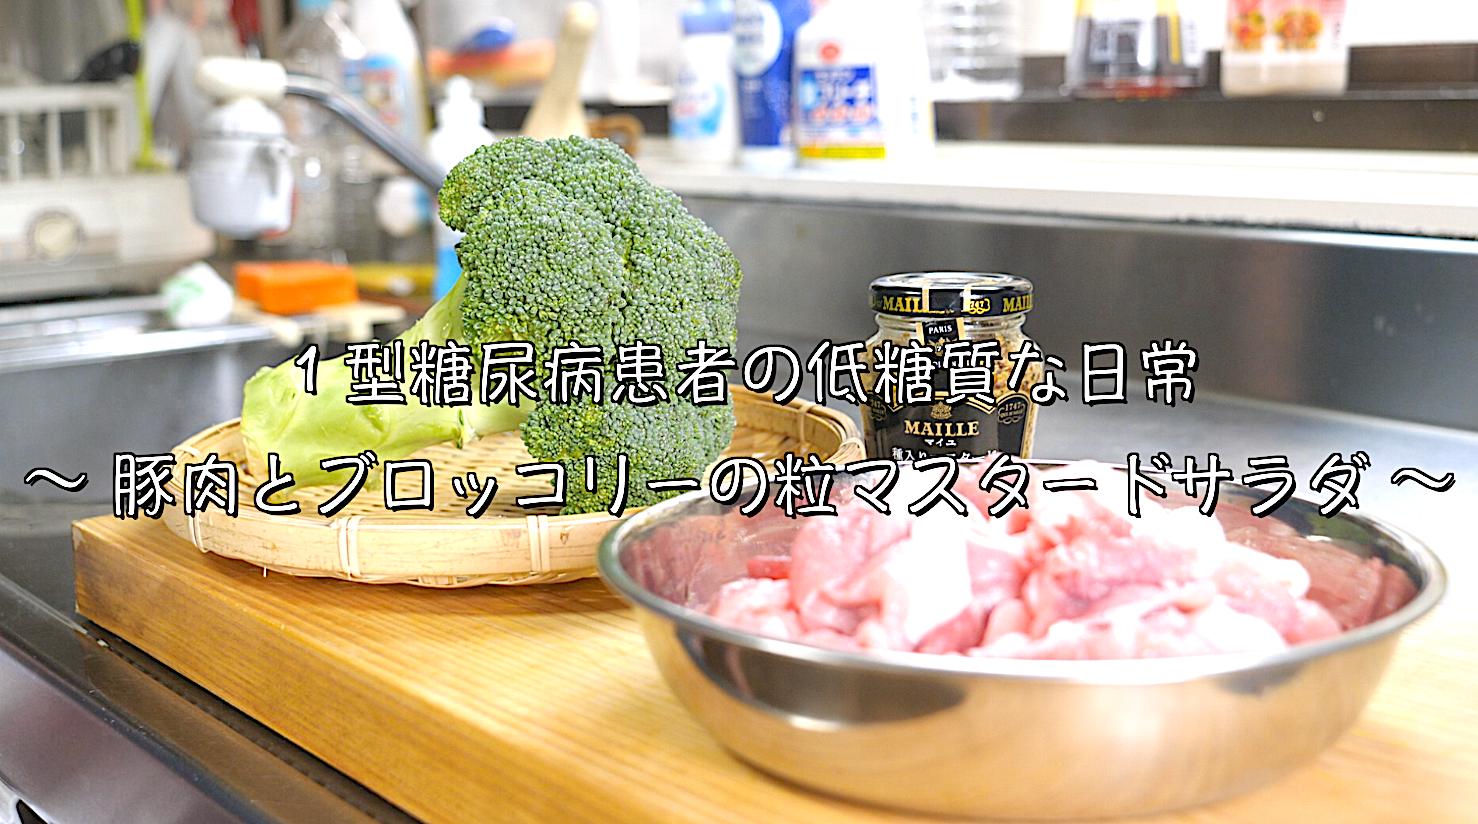 ブロッコリー ダイエット サラダ レシピ